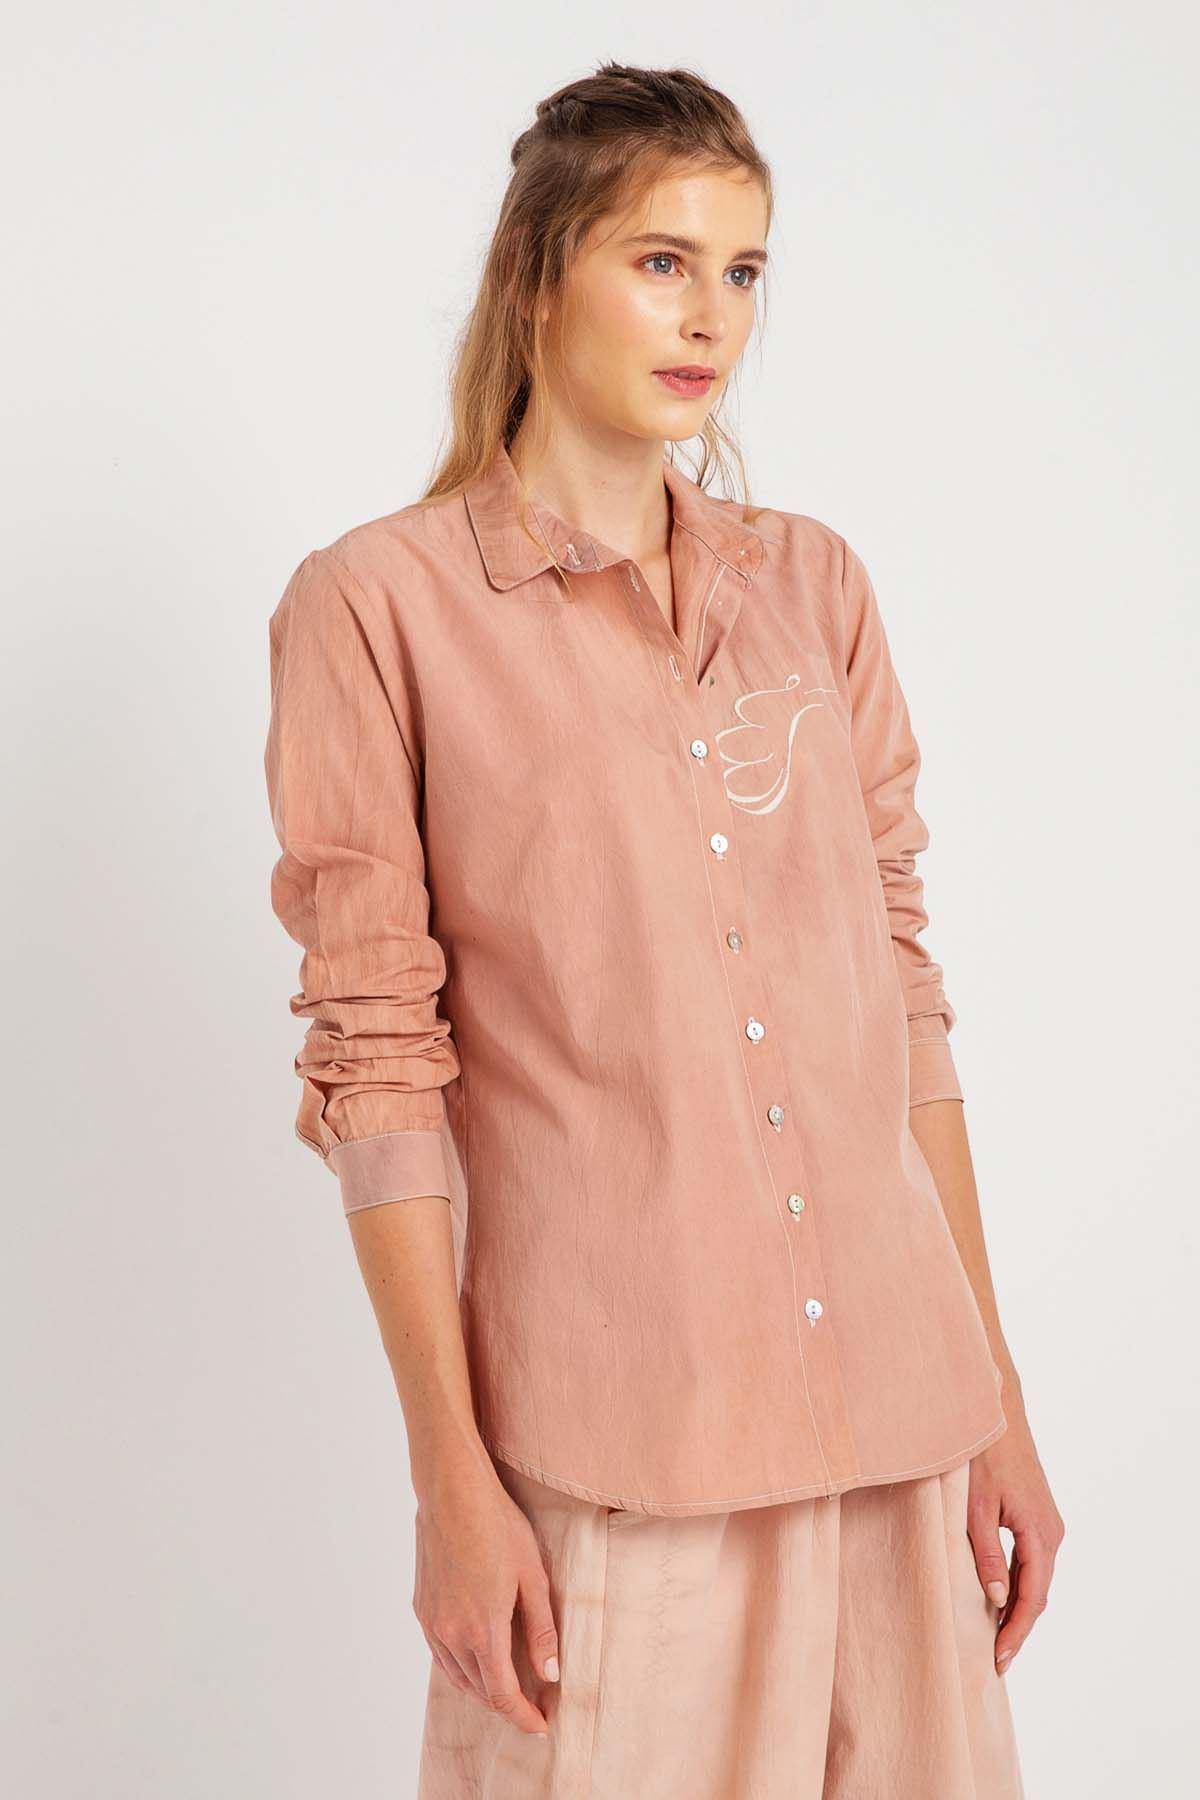 Zarif - Uzun Kollu Kadın Gömlek Nakışlı K0705